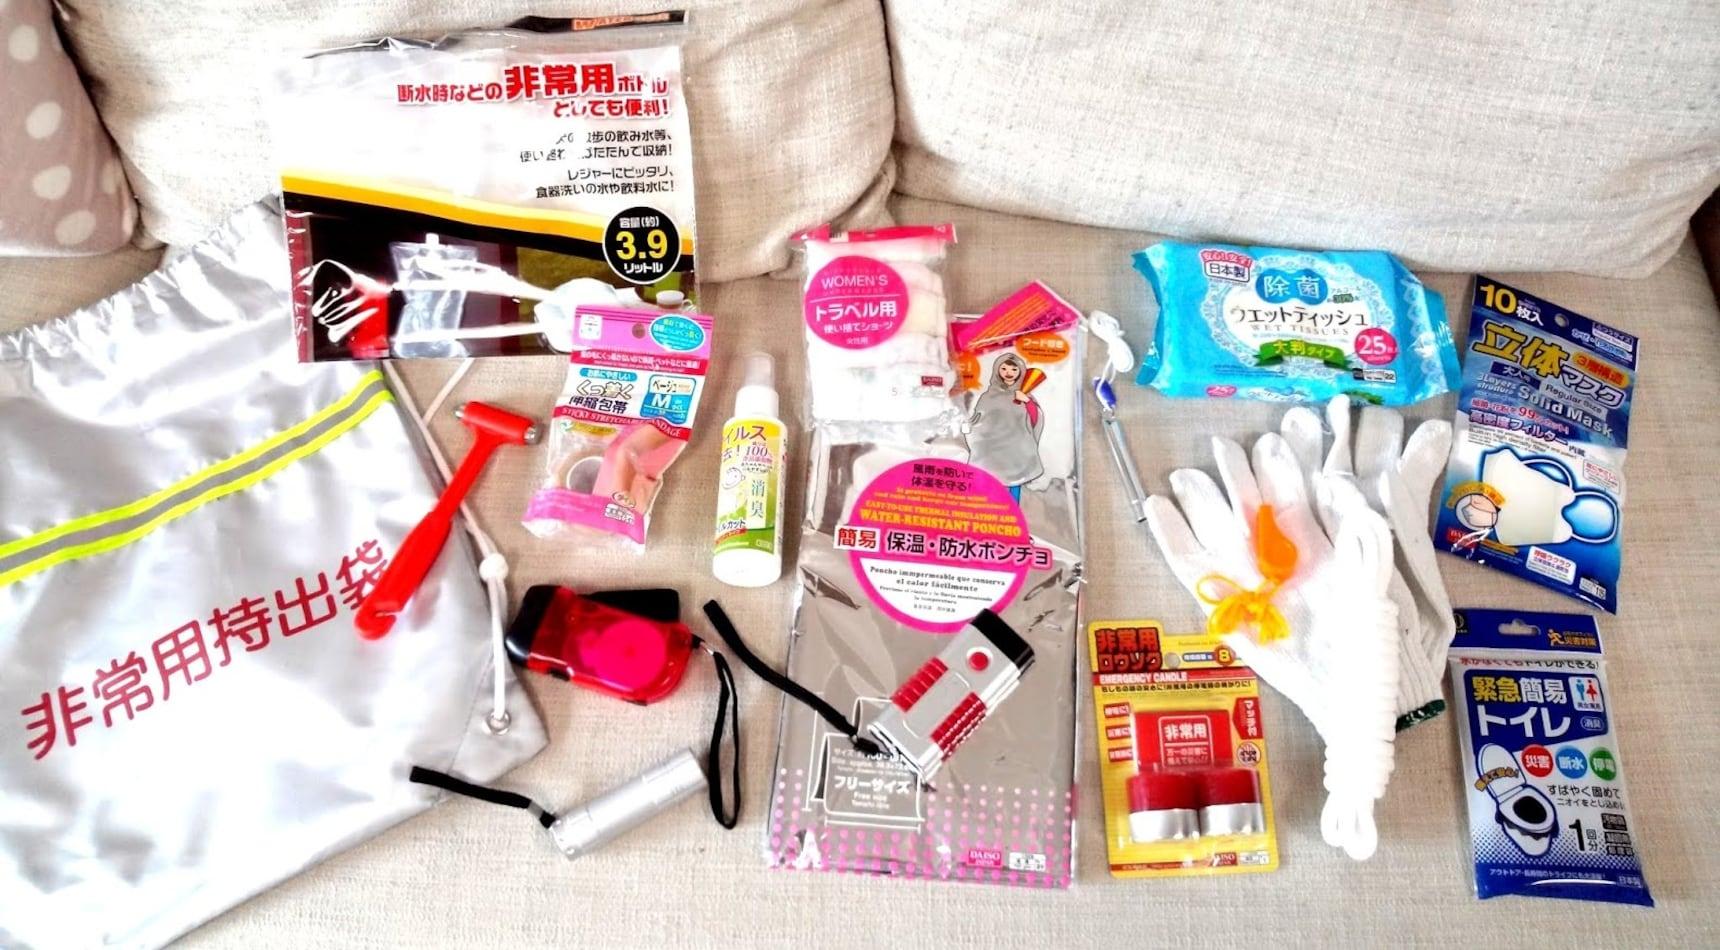 6 ของรับมือภัยพิบัติที่หาซื้อได้จากร้านร้อยเยน